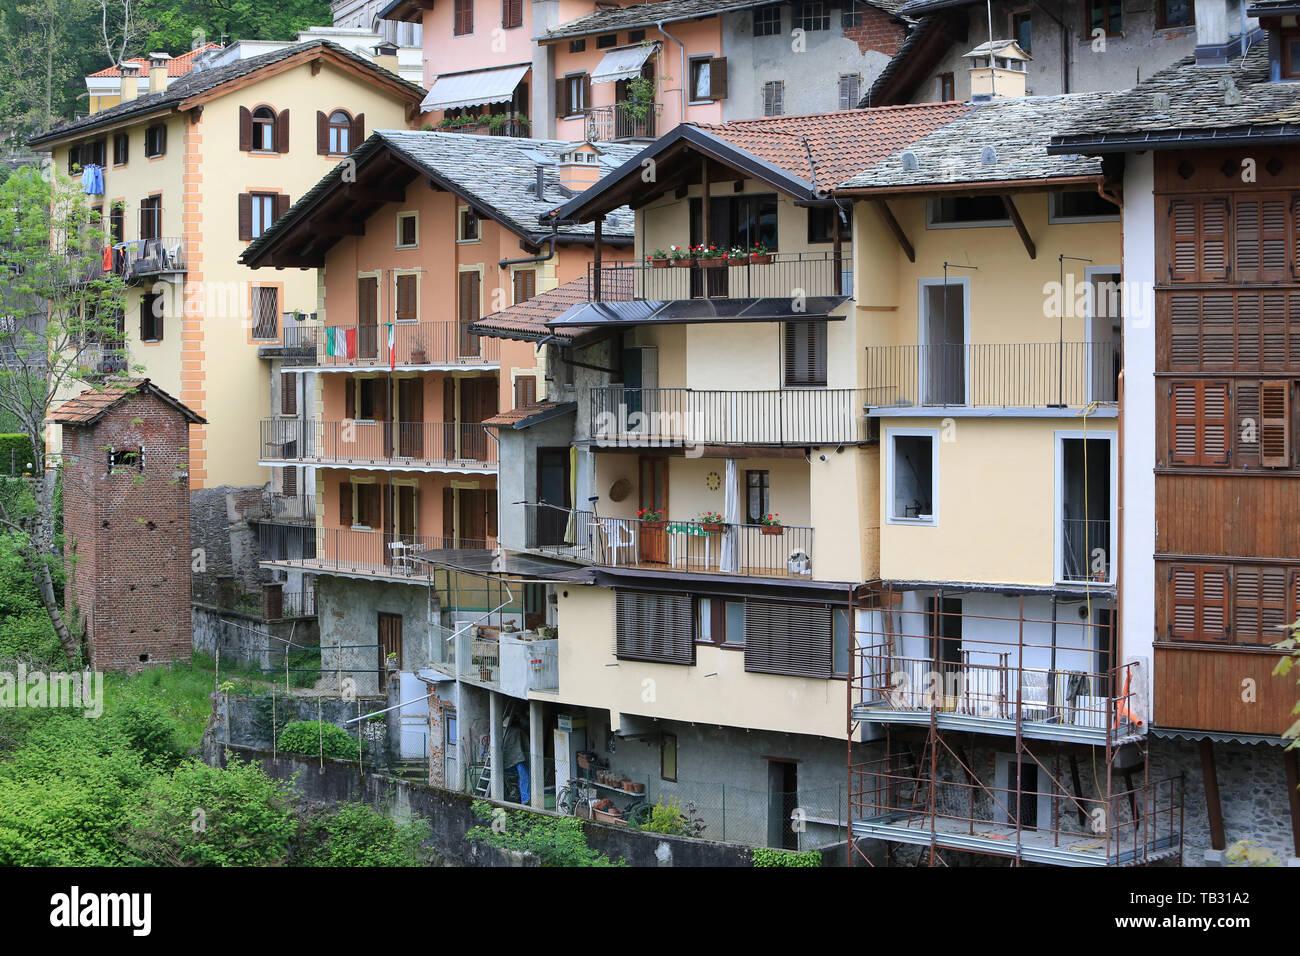 Maisons typiques sur la rivière de Mastallone de Varallo Sesia. Italie. Typical houses on the river Mastallone of Varallo Sesia. Italy. Italy. - Stock Image